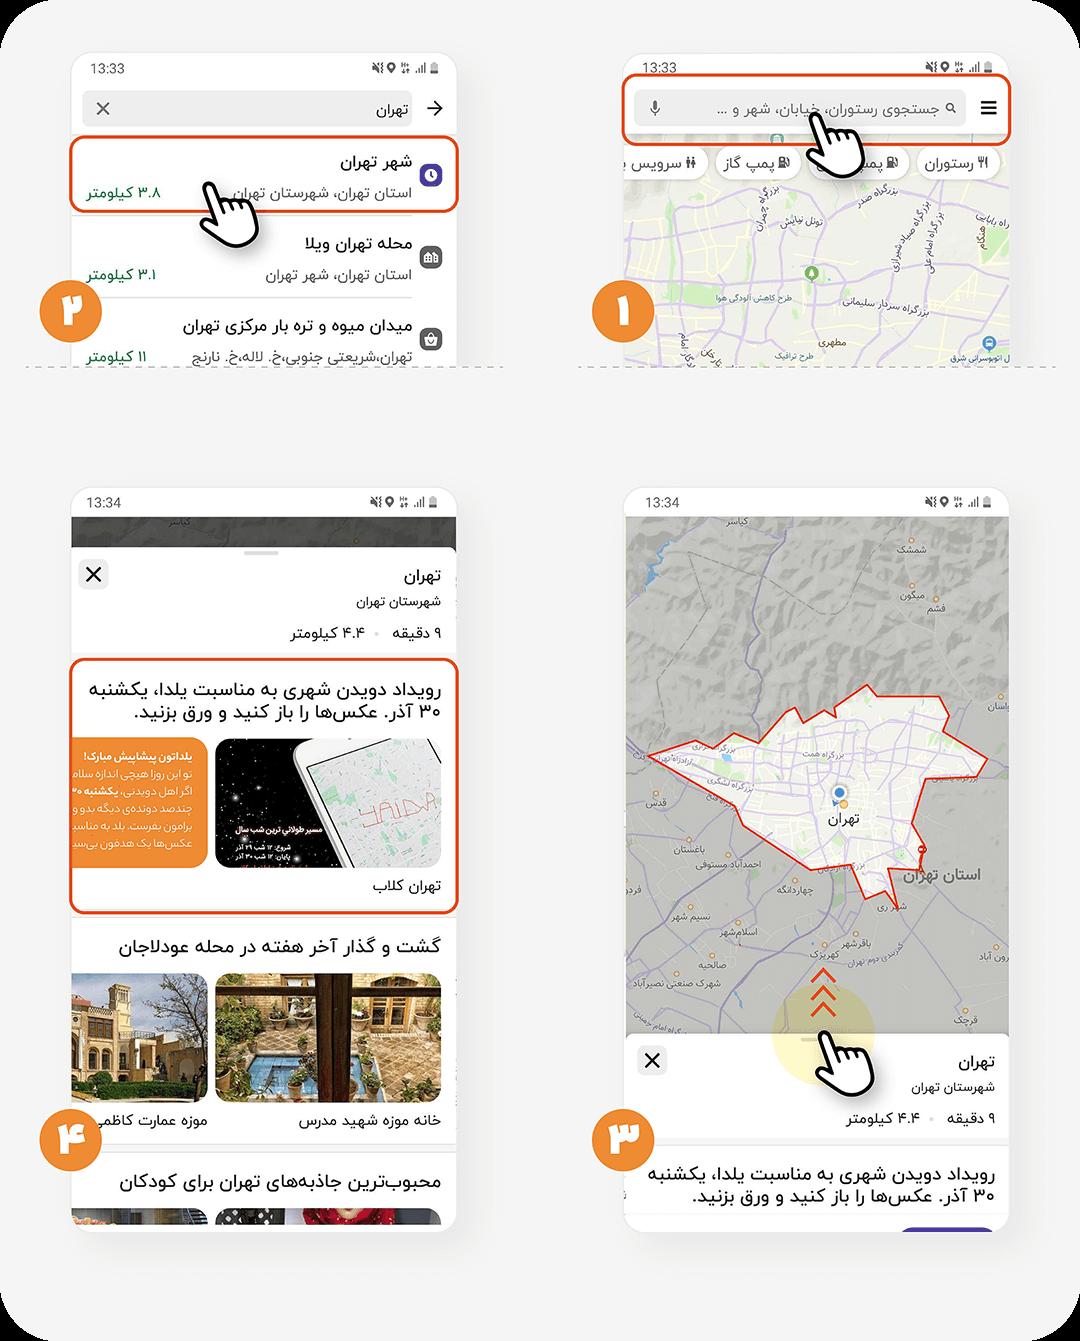 چالش یلدا تهران کلاب